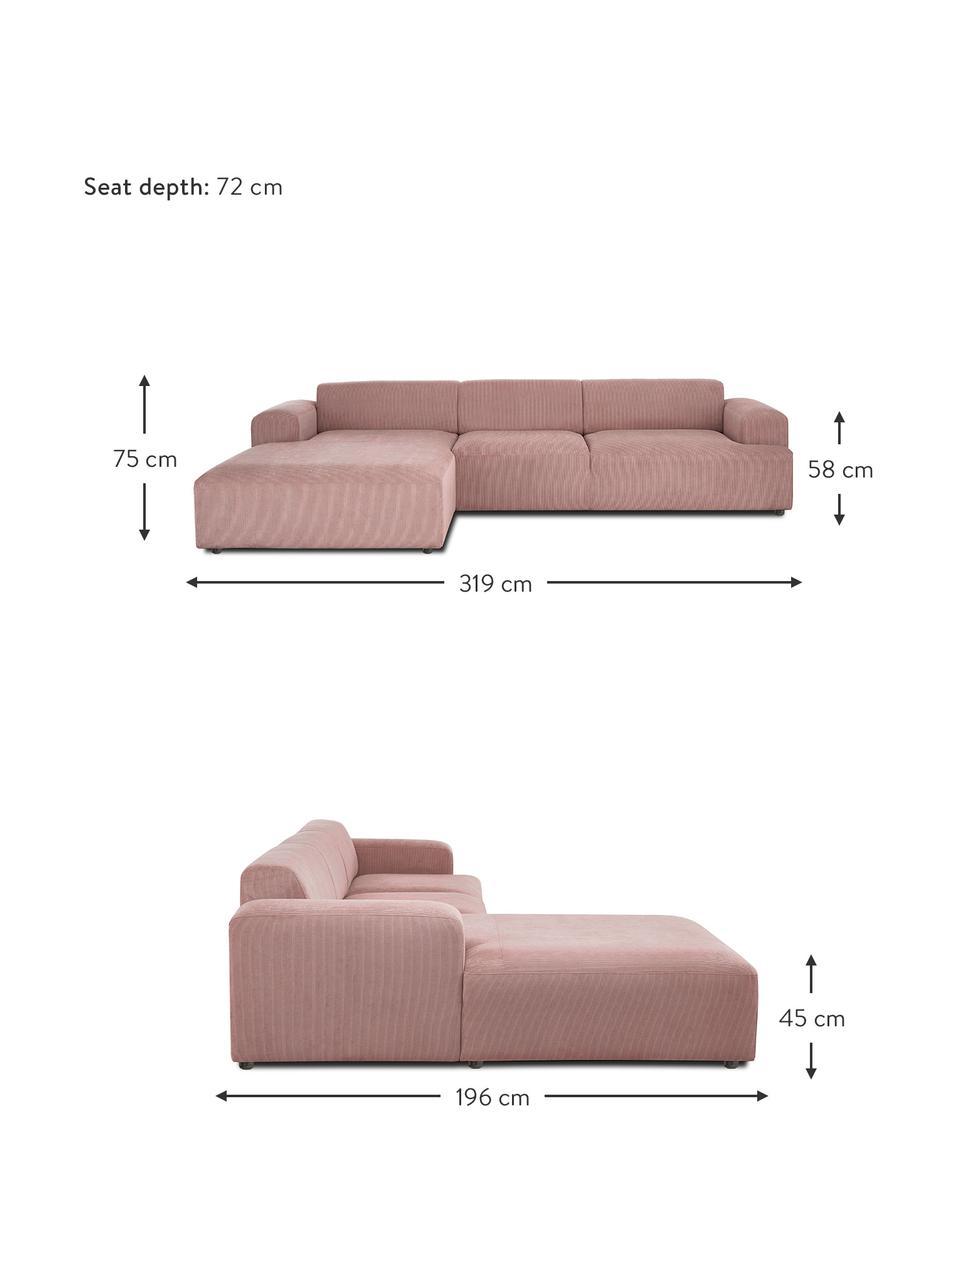 Sofa narożna ze sztruksu Melva (4-osobowa), Tapicerka: sztruks (92% poliester, 8, Stelaż: lite drewno sosnowe, cert, Nogi: tworzywo sztuczne, Sztruksowy blady różowy, S 319 x G 196 cm